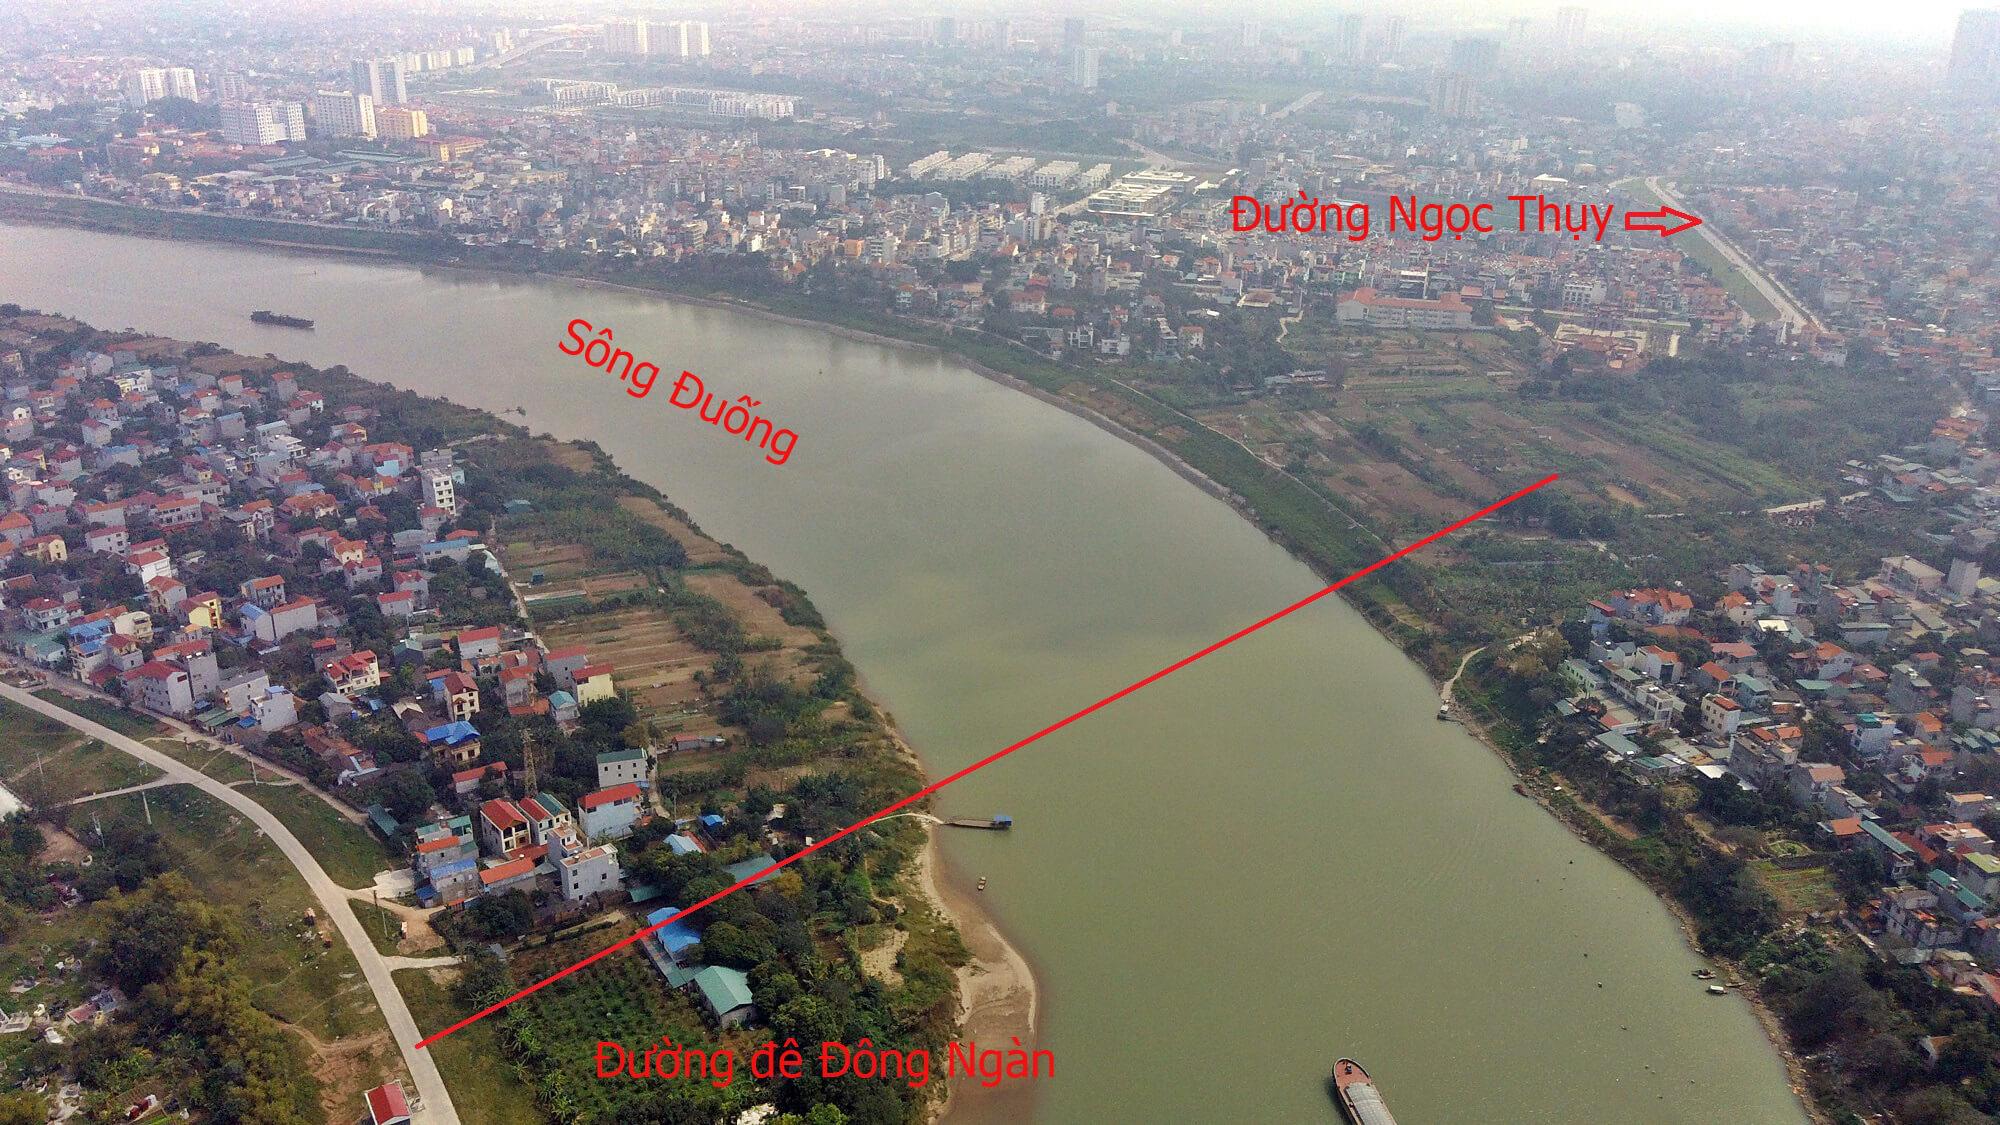 Lộ trình cây cầu bắc từ Ngọc Thụy qua Đông Ngàn.